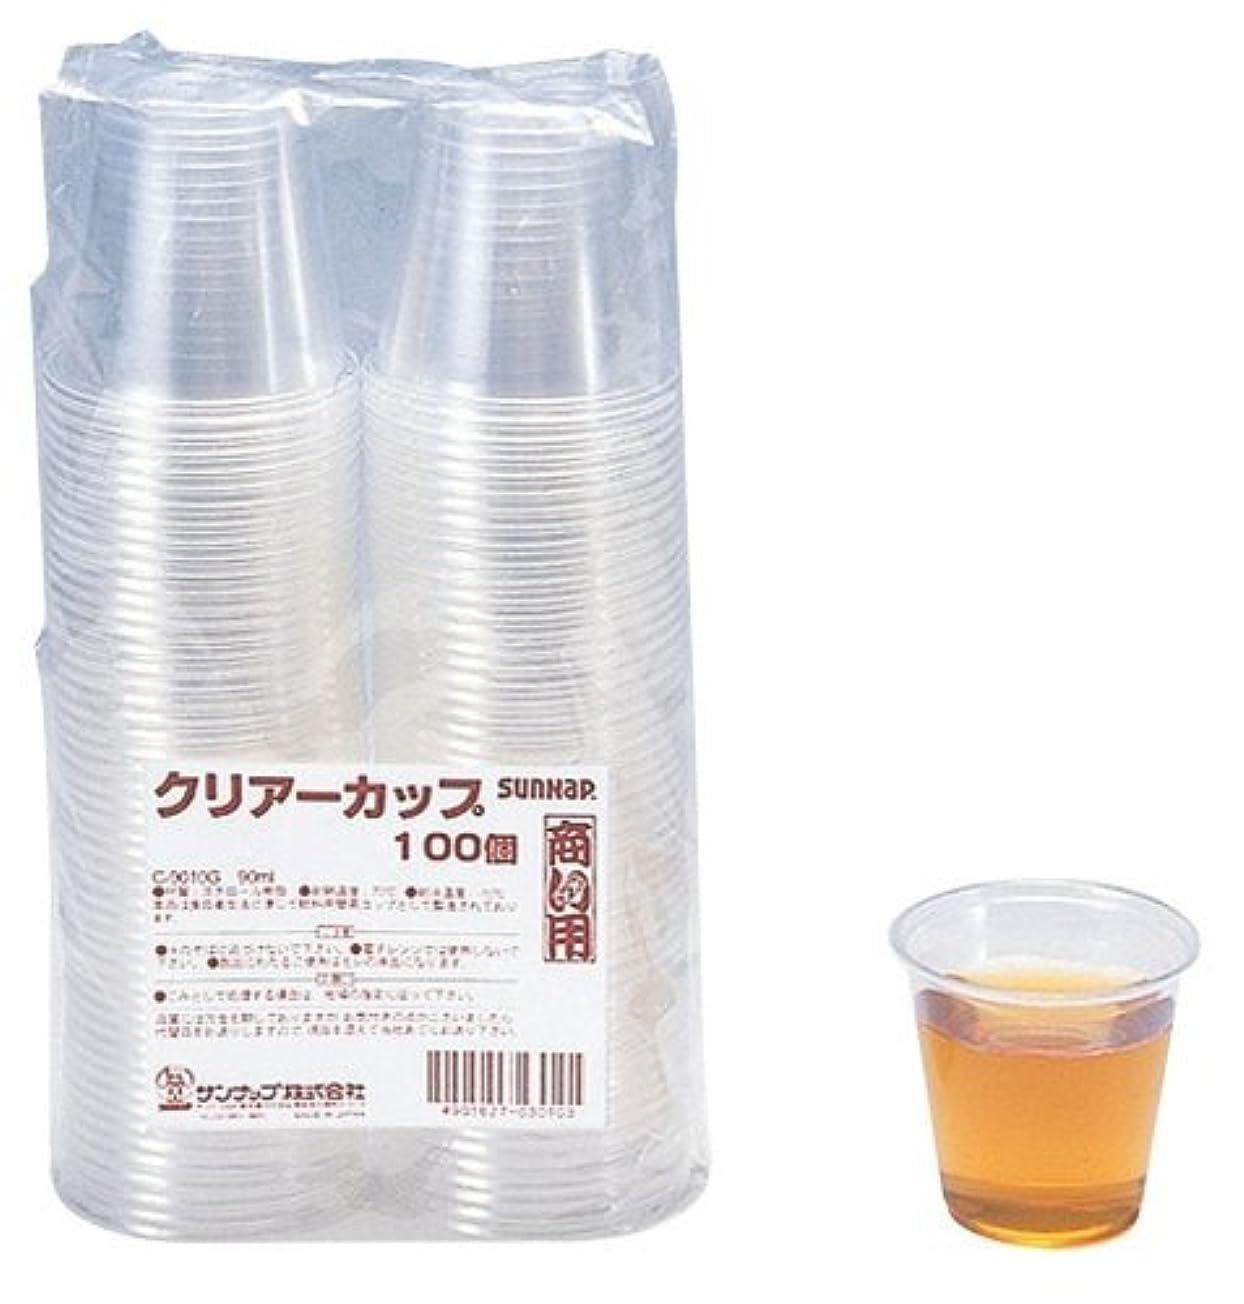 ばか生物学告発(まとめ買い) サンナップ 商い用クリアーカップ 90ml 100個 C-9010G 【×3】